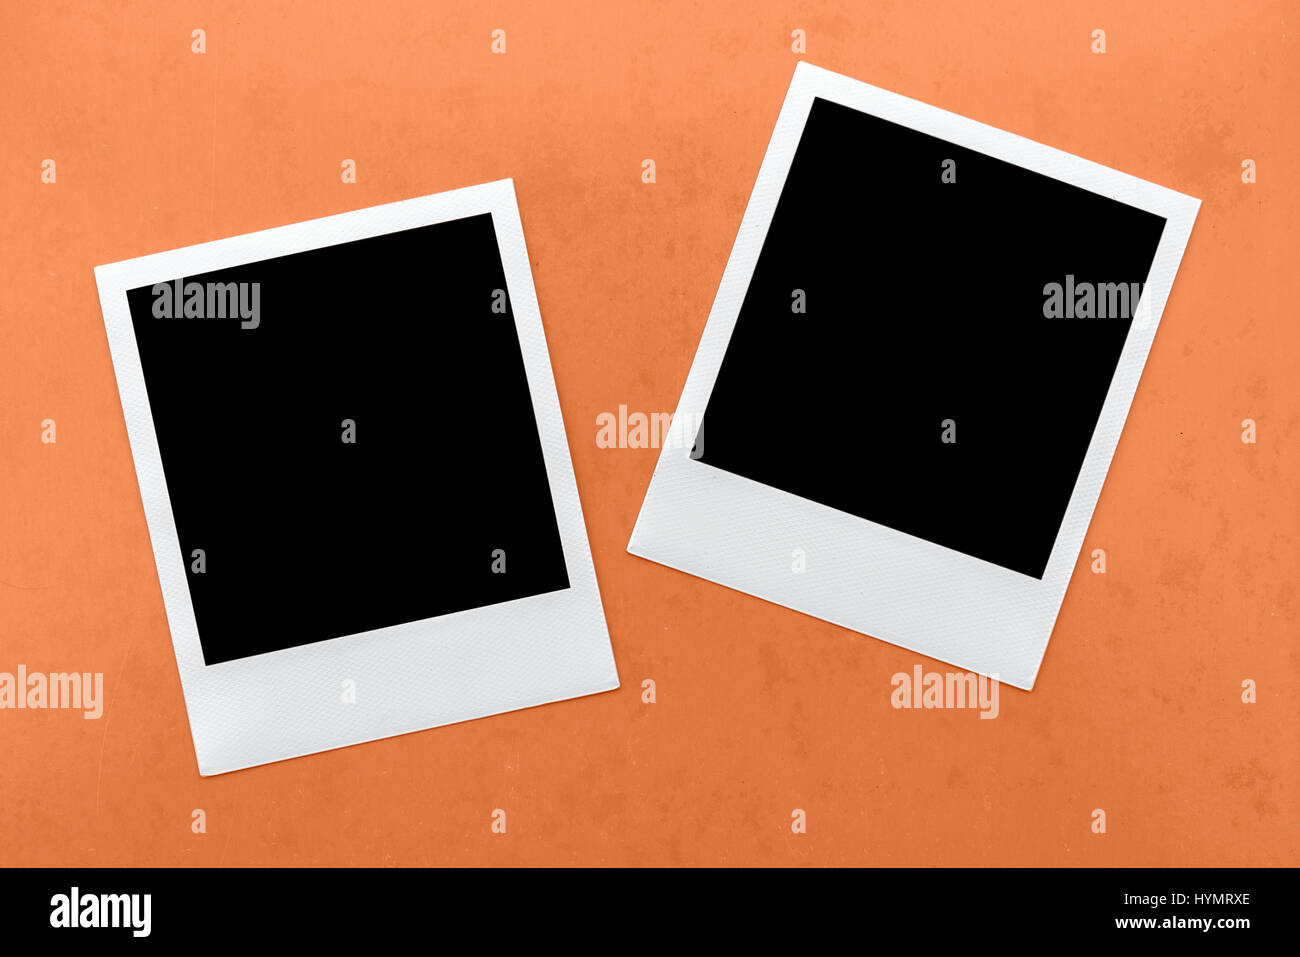 Film Camera Abstract Stockfotos & Film Camera Abstract Bilder - Alamy